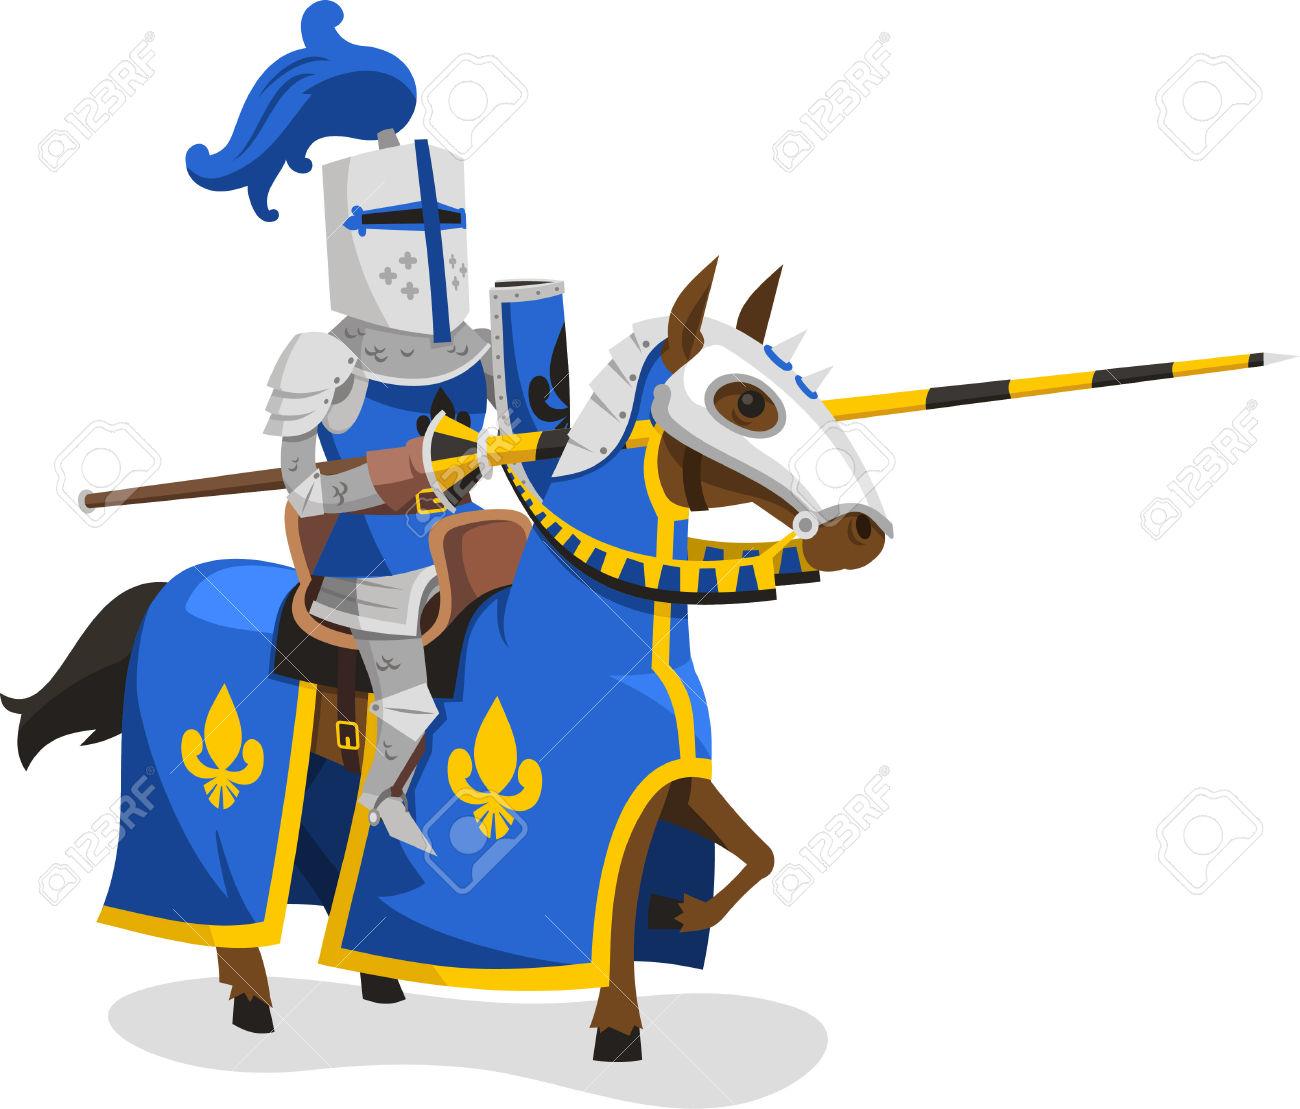 Ritter auf pferd clipart png library stock Ritter Anzug Körperschutz Rüstung Pferde Lance Helm, Vektor ... png library stock